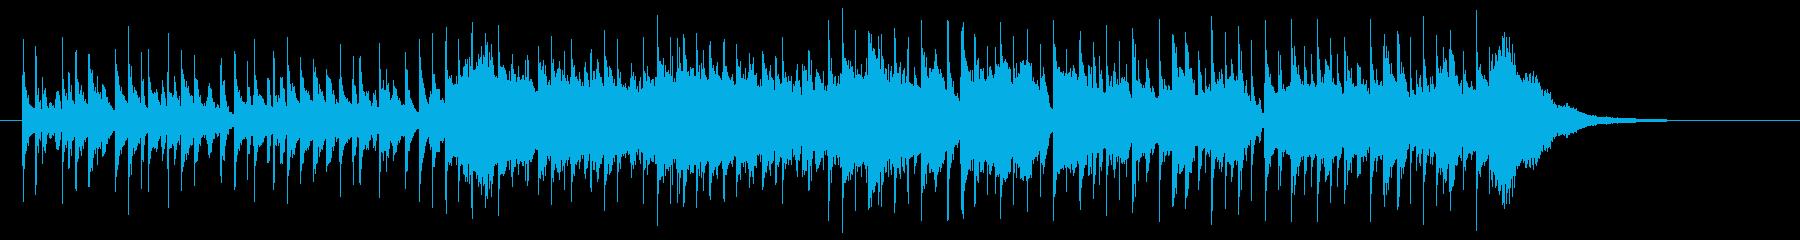 鈴の音が清潔感のあるポップスの再生済みの波形